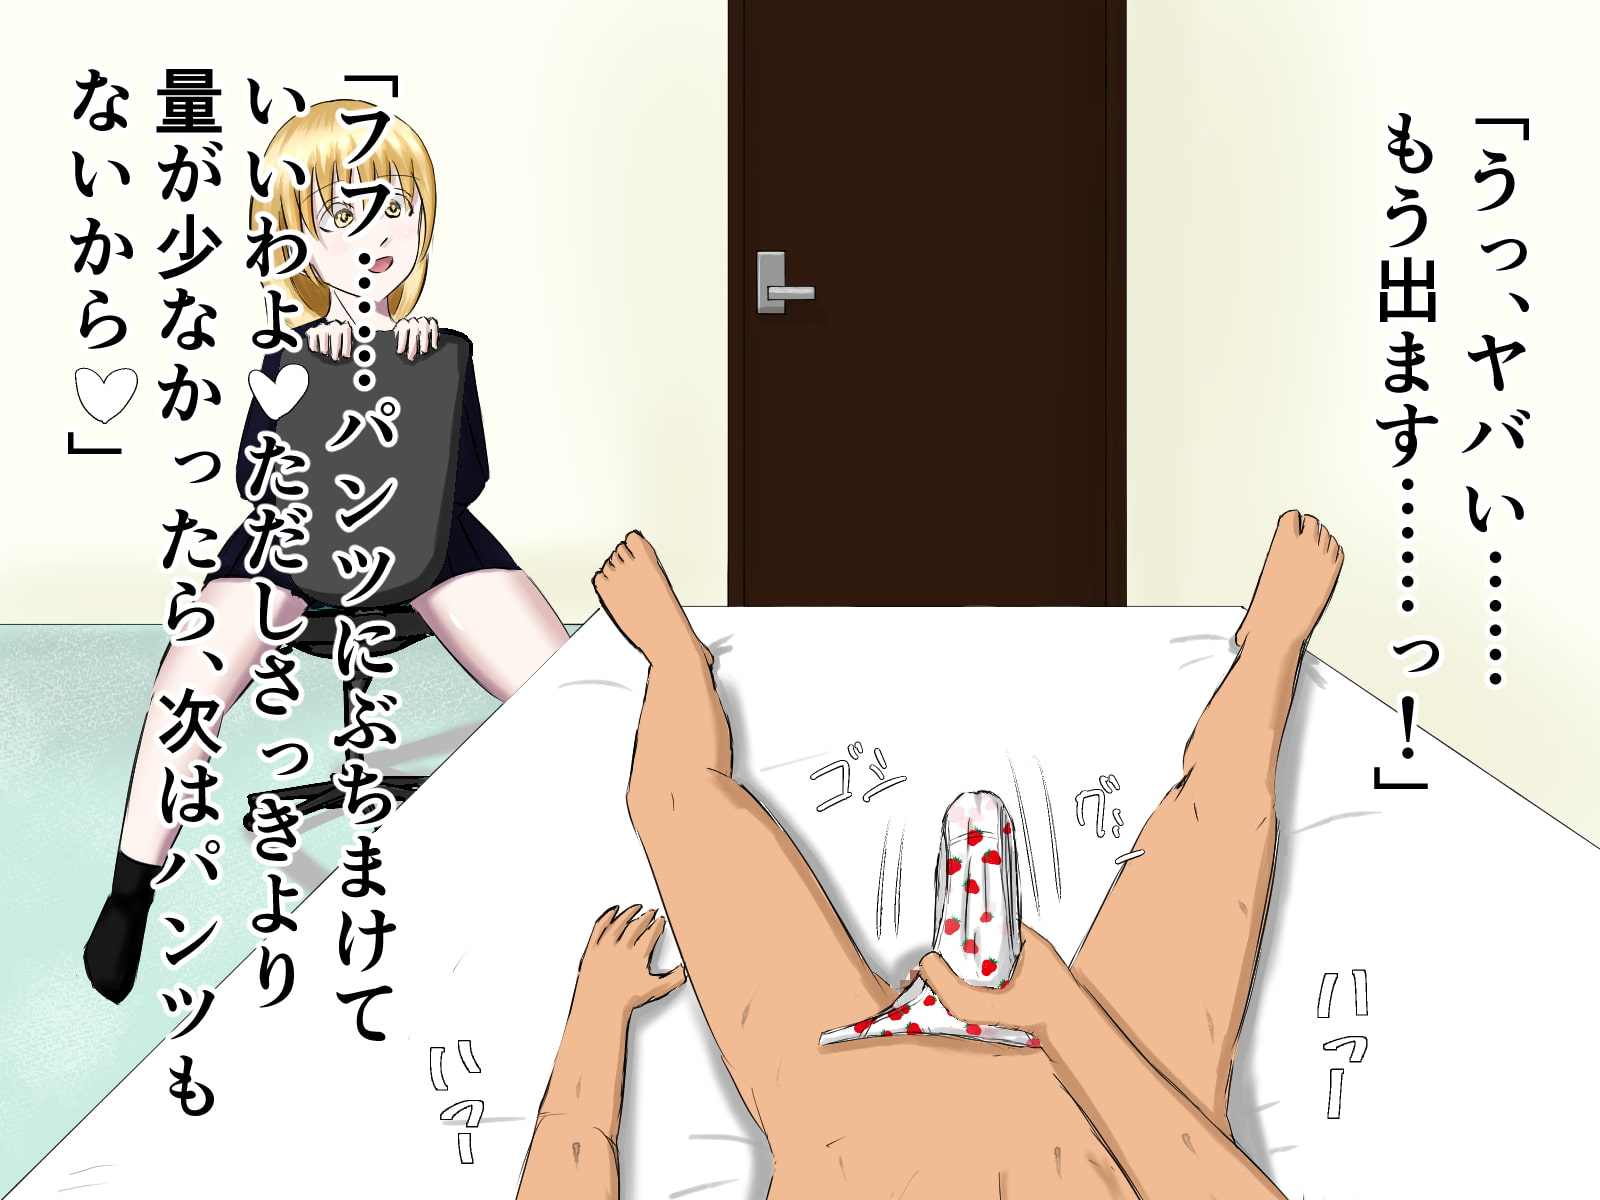 階段下から女子生徒のパンティを覗いていたら校内で一番巨乳なJ○とヤれちゃった話